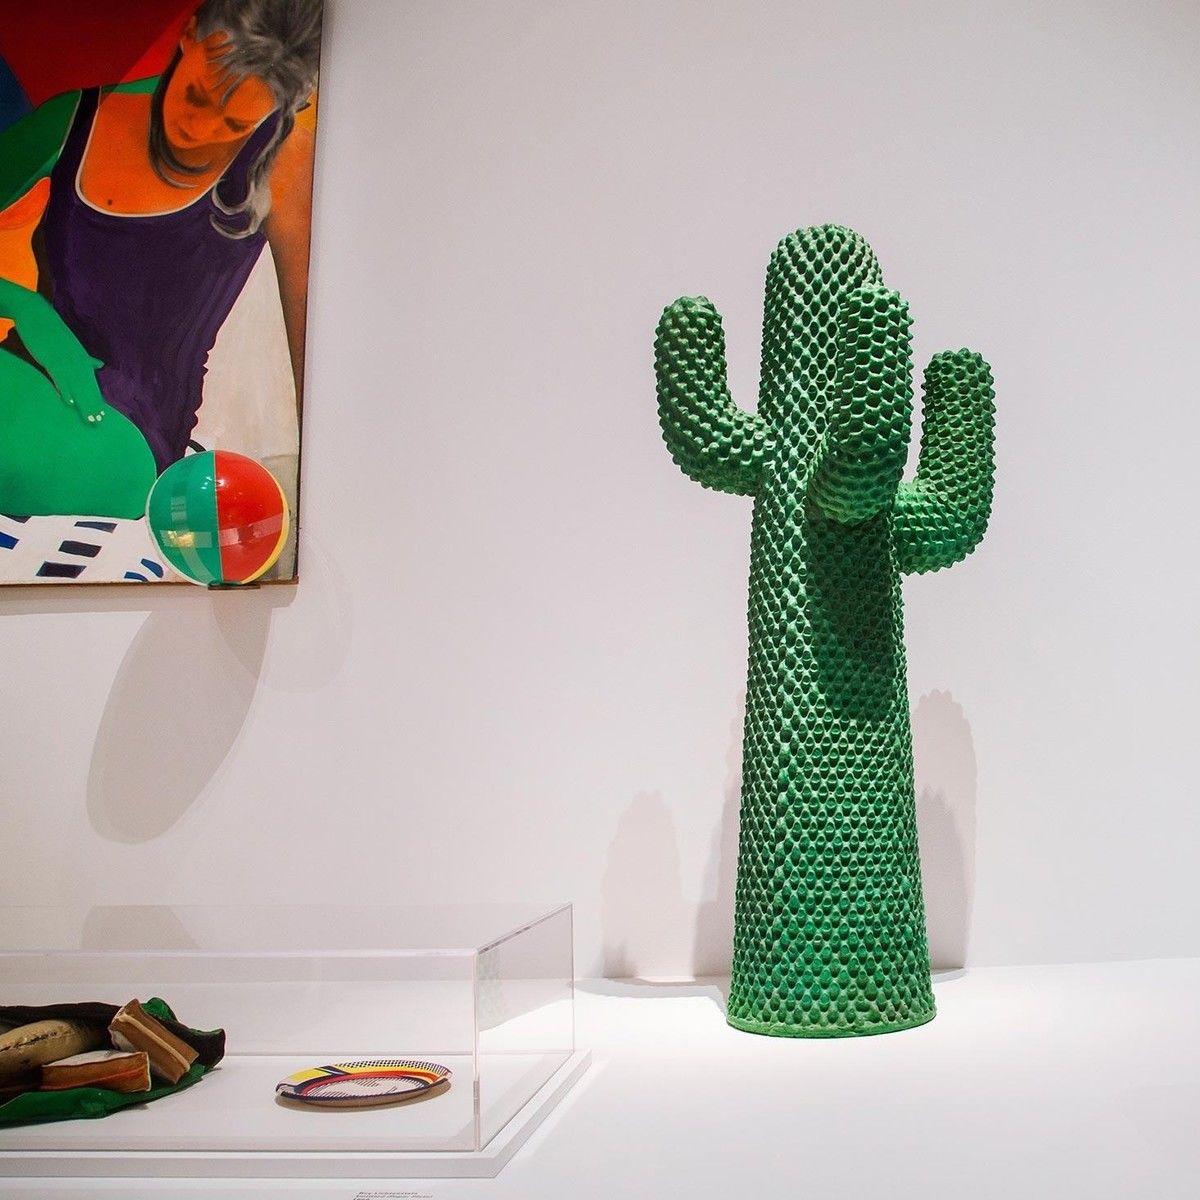 Gufram cactus porte manteaux gufram - Cactus porte manteau ...